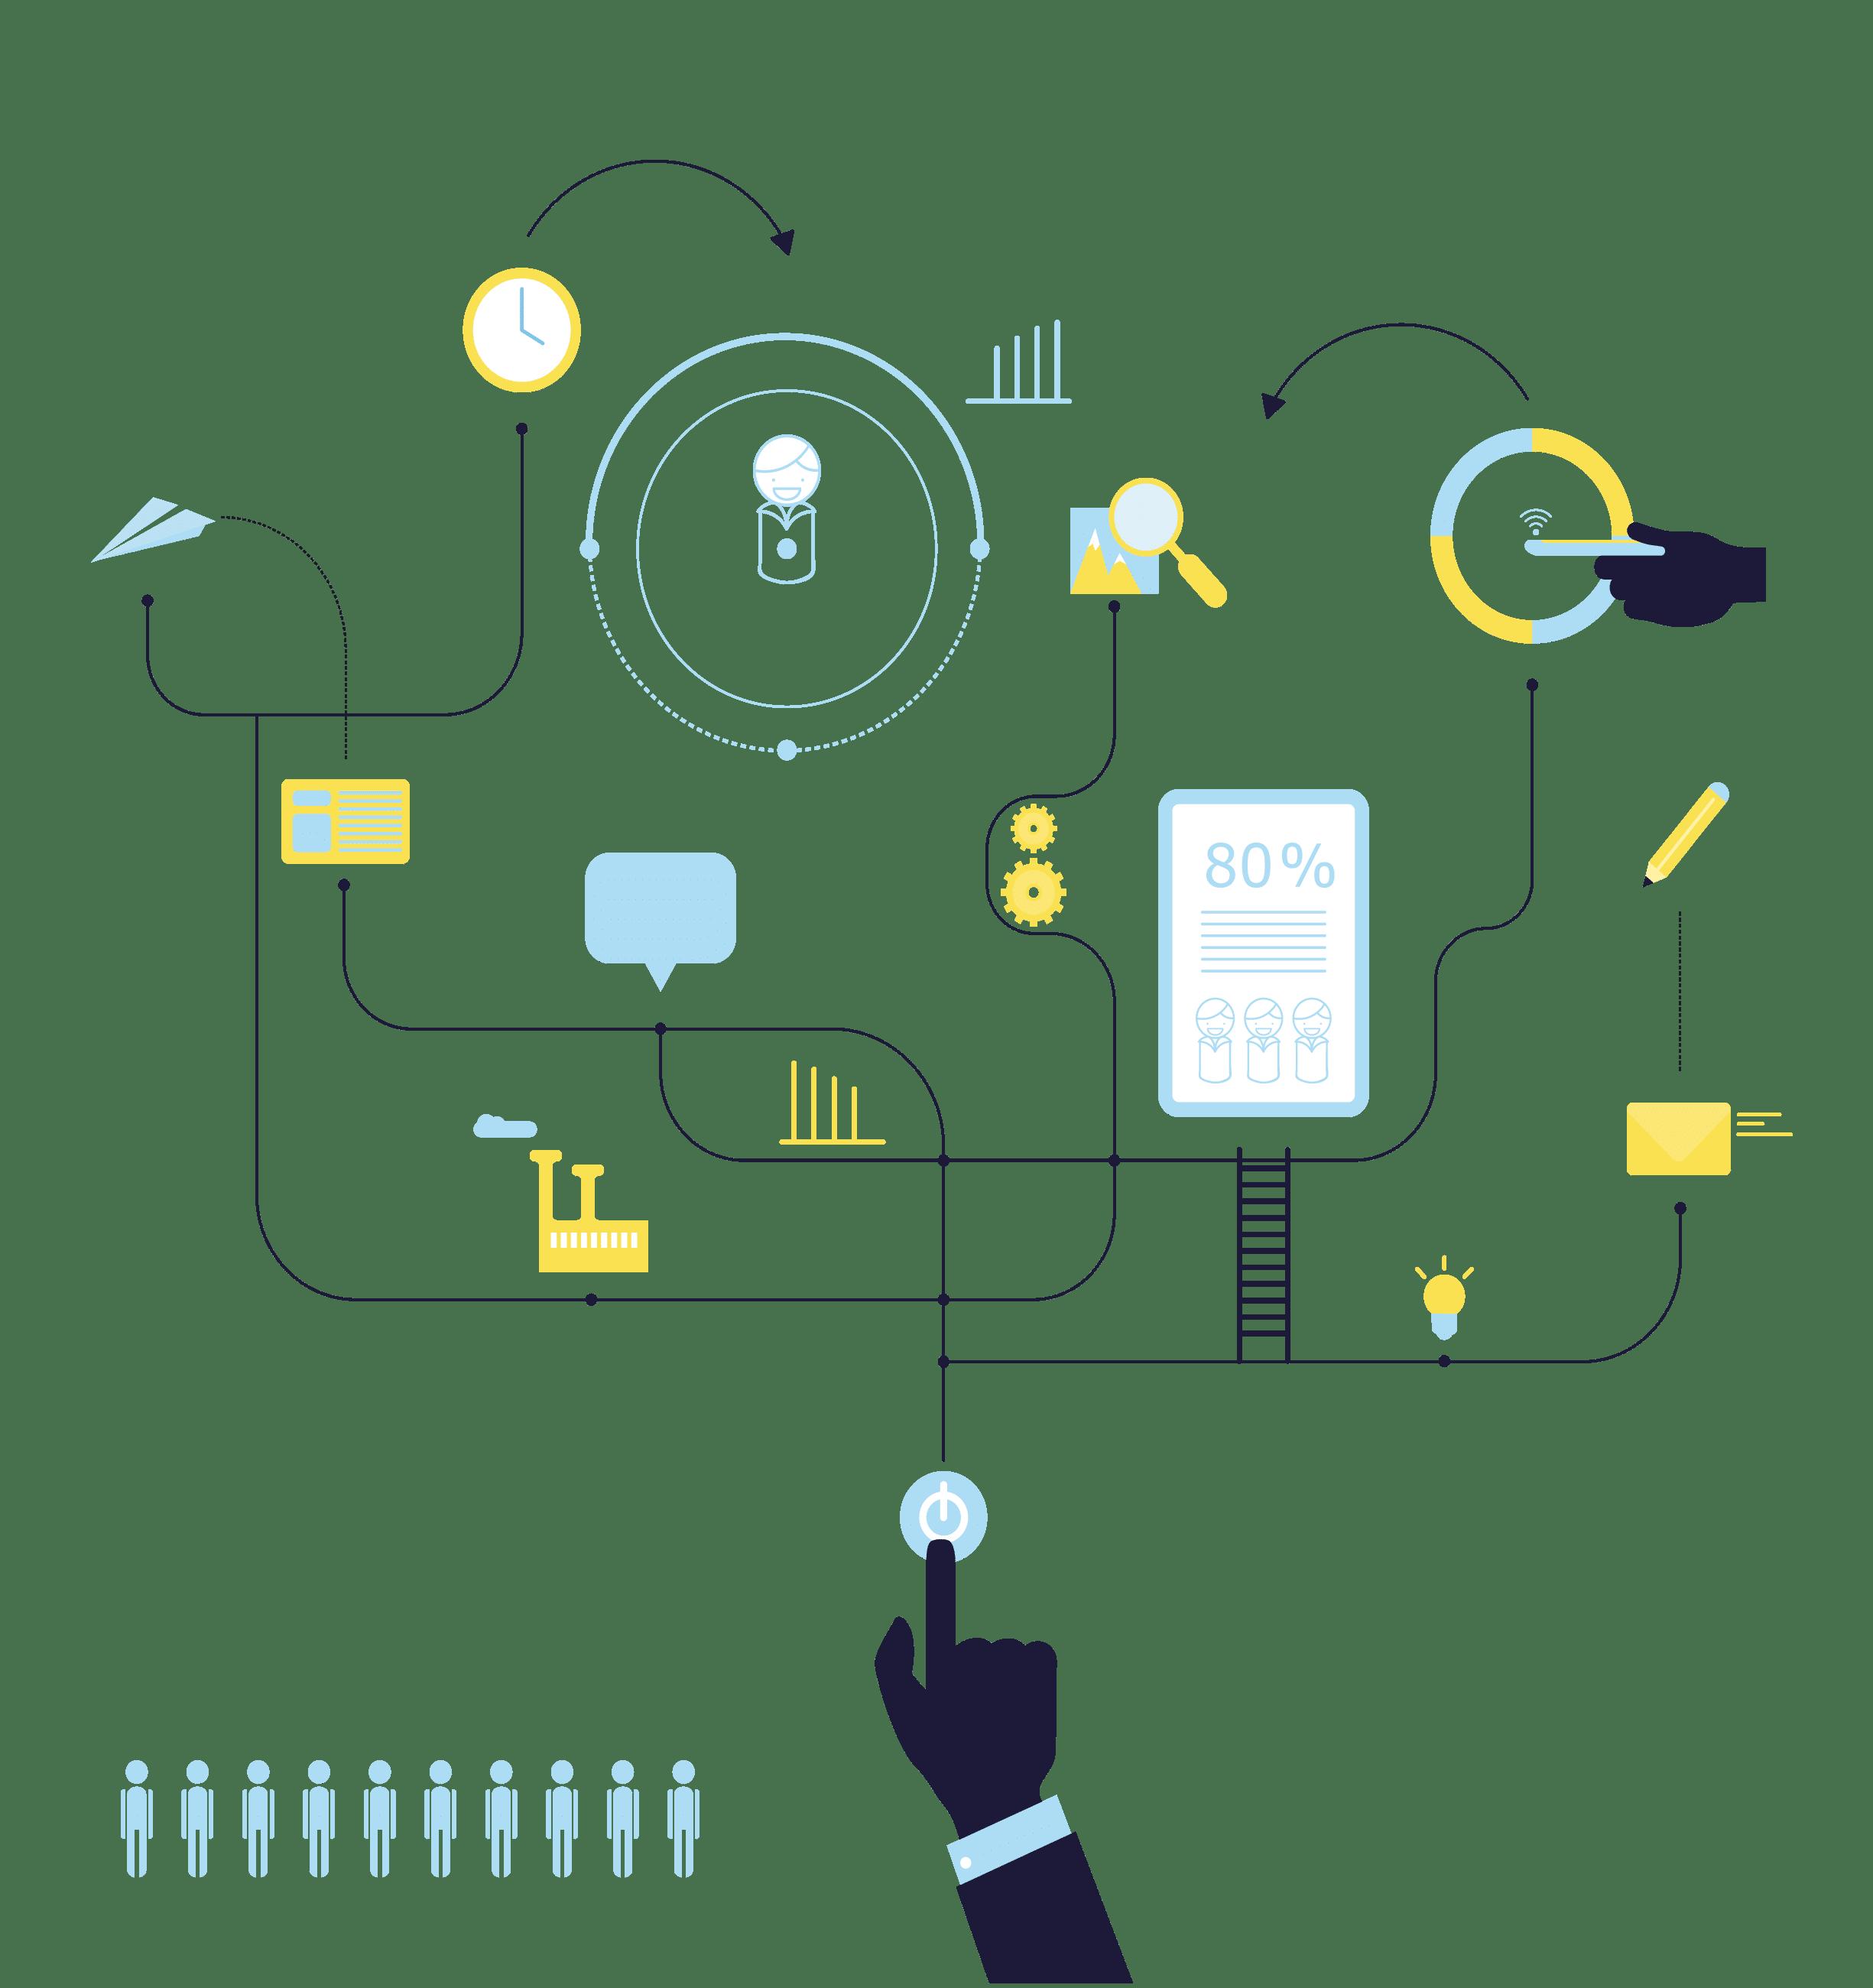 مشاوره مدیریت، منابع انسانی، استخدام و گزینش